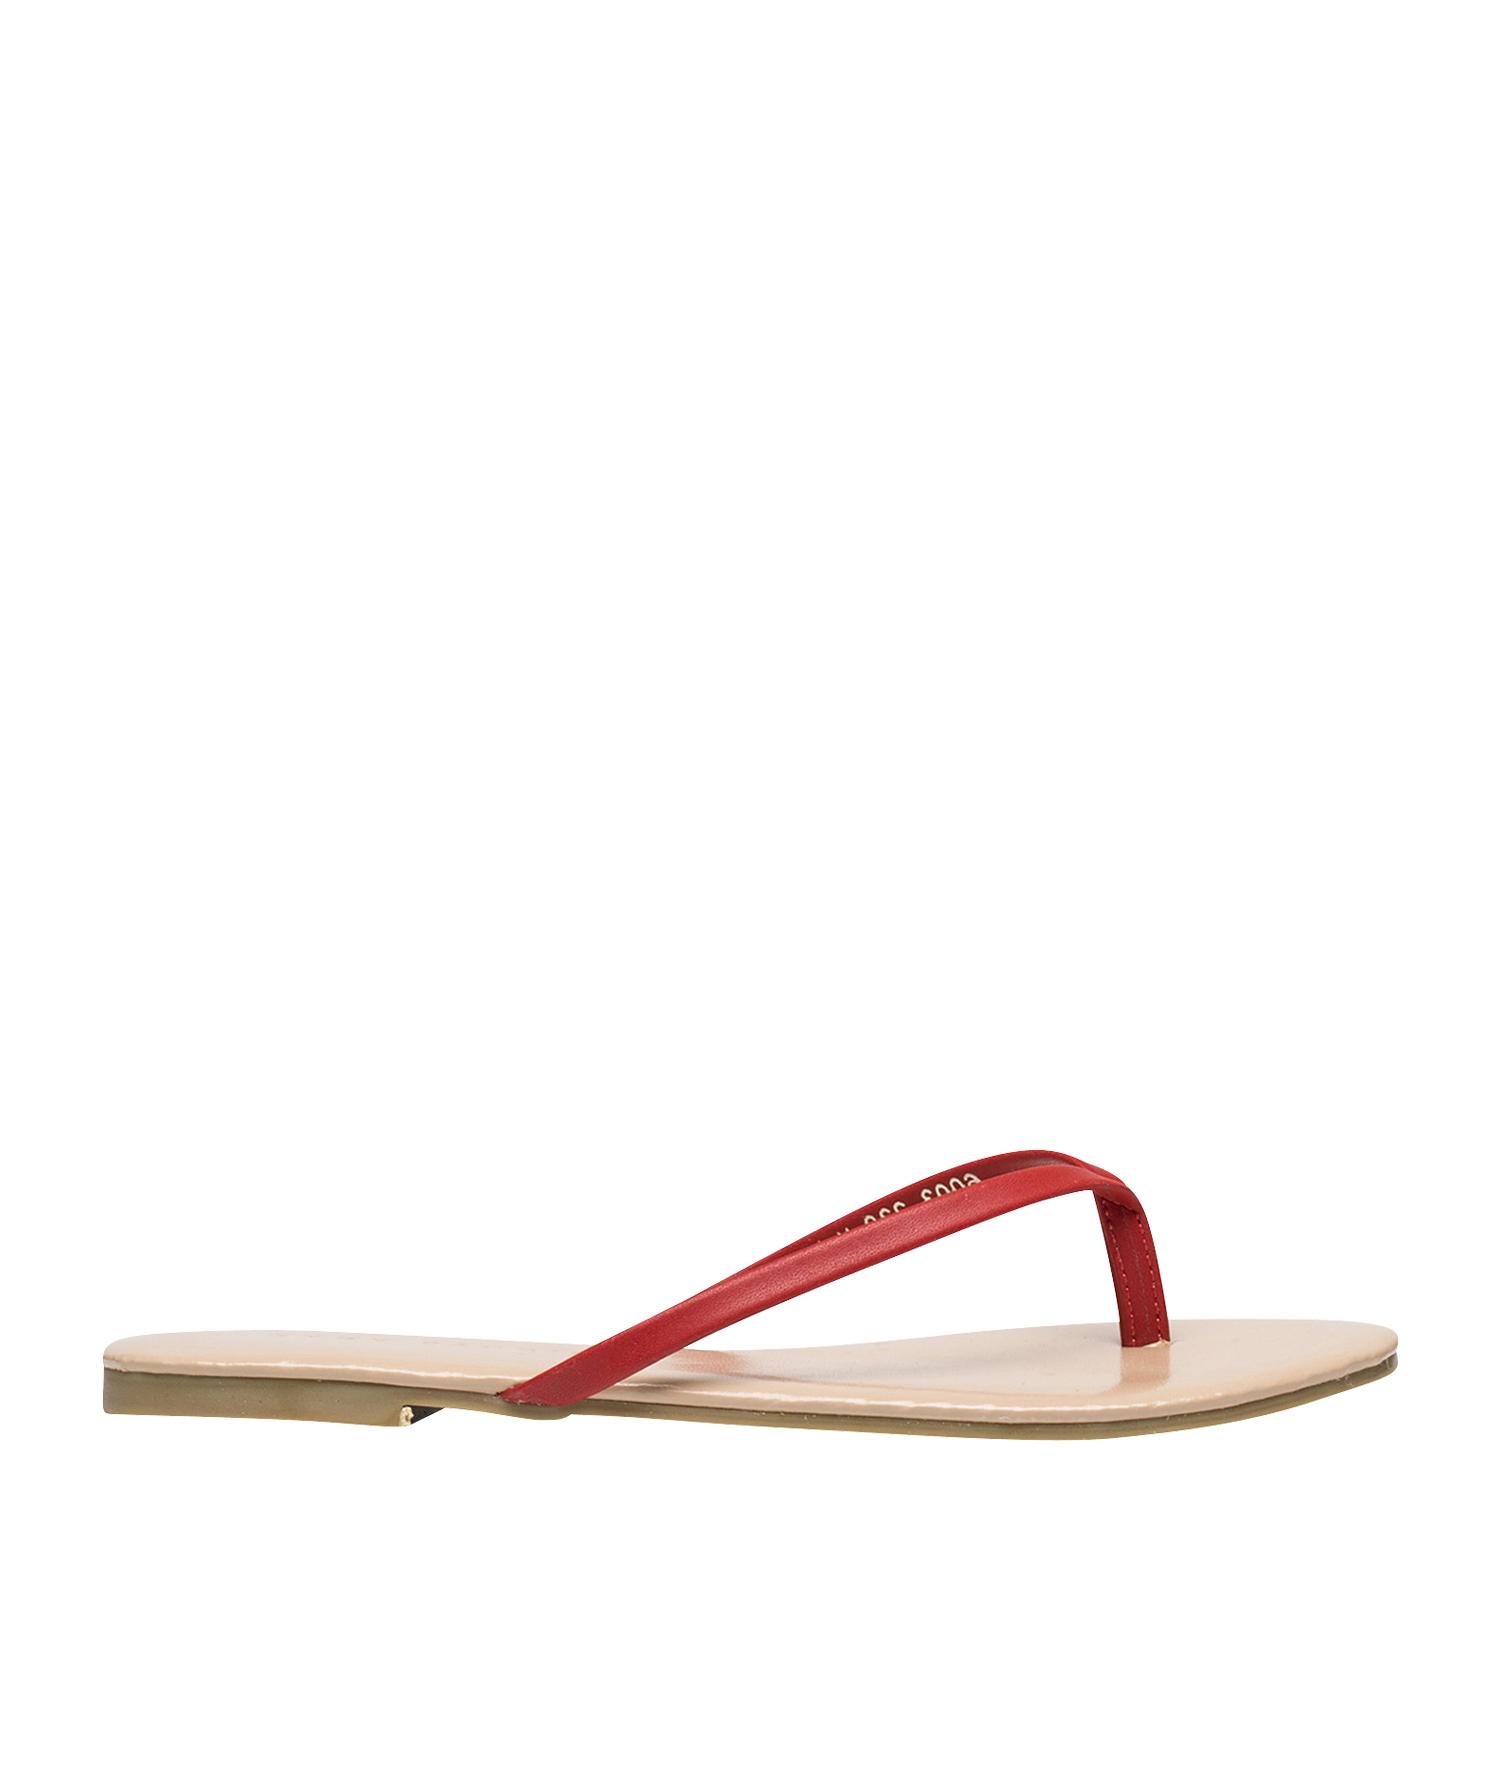 184cec82c Dorie Simple Flip Flop Shoes - annakastleshoes.com